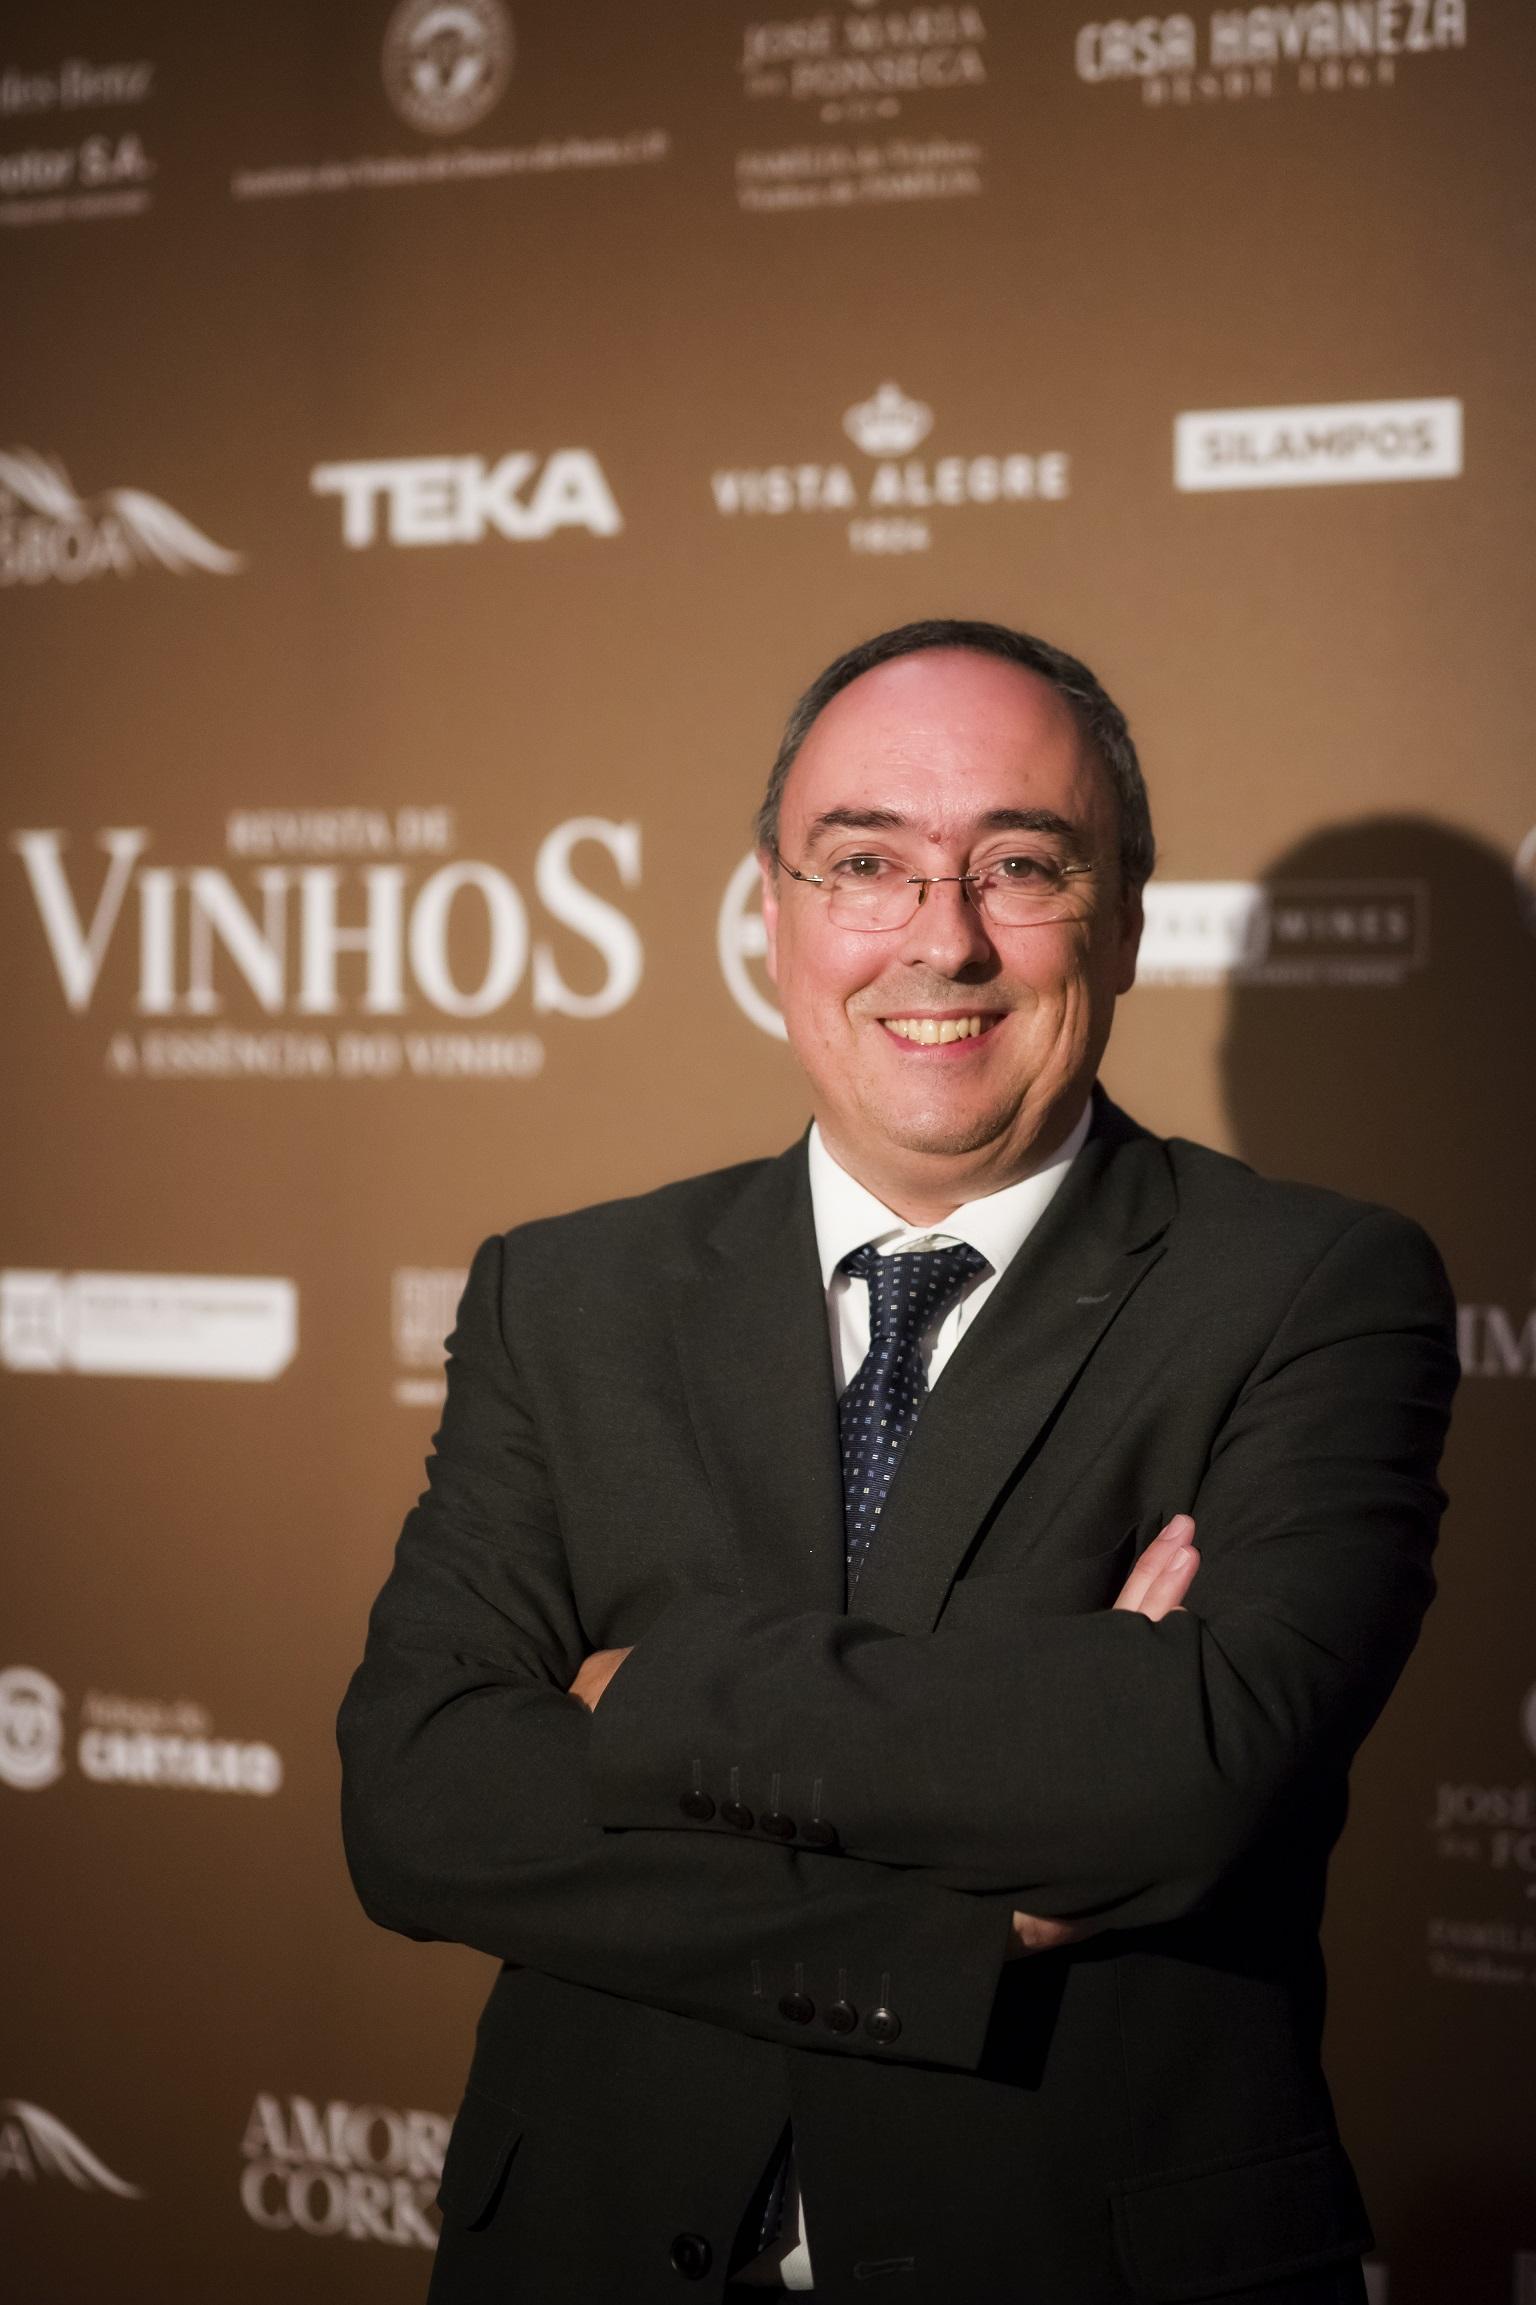 Manuel Pinheiro - Personalidade do Ano no Vinho